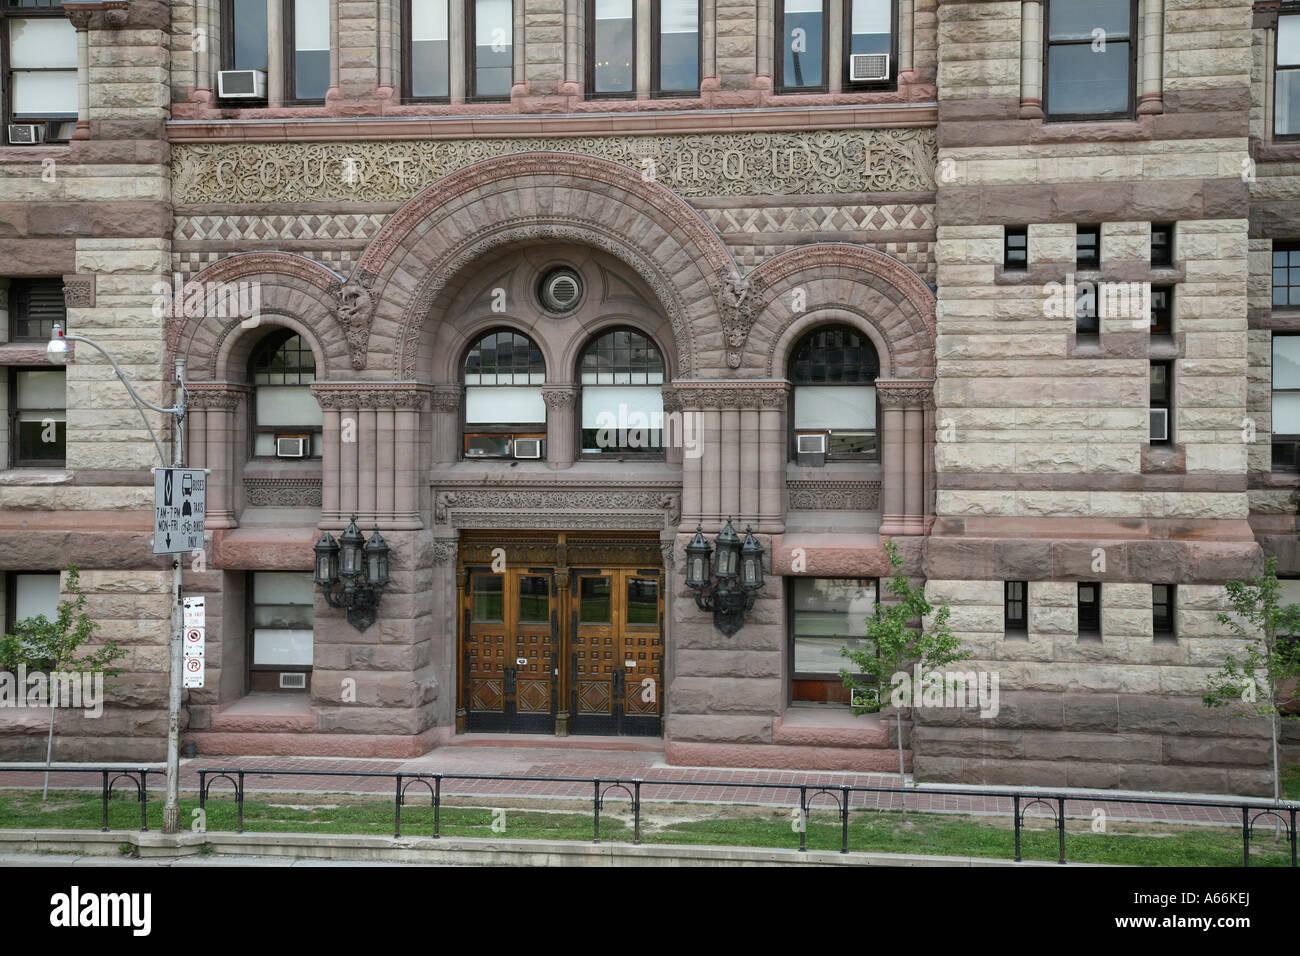 Eingang Zur Alten Toronto City Hall Und Gerichtshaus In City Of Toronto  Ontario Kanada Stockbild